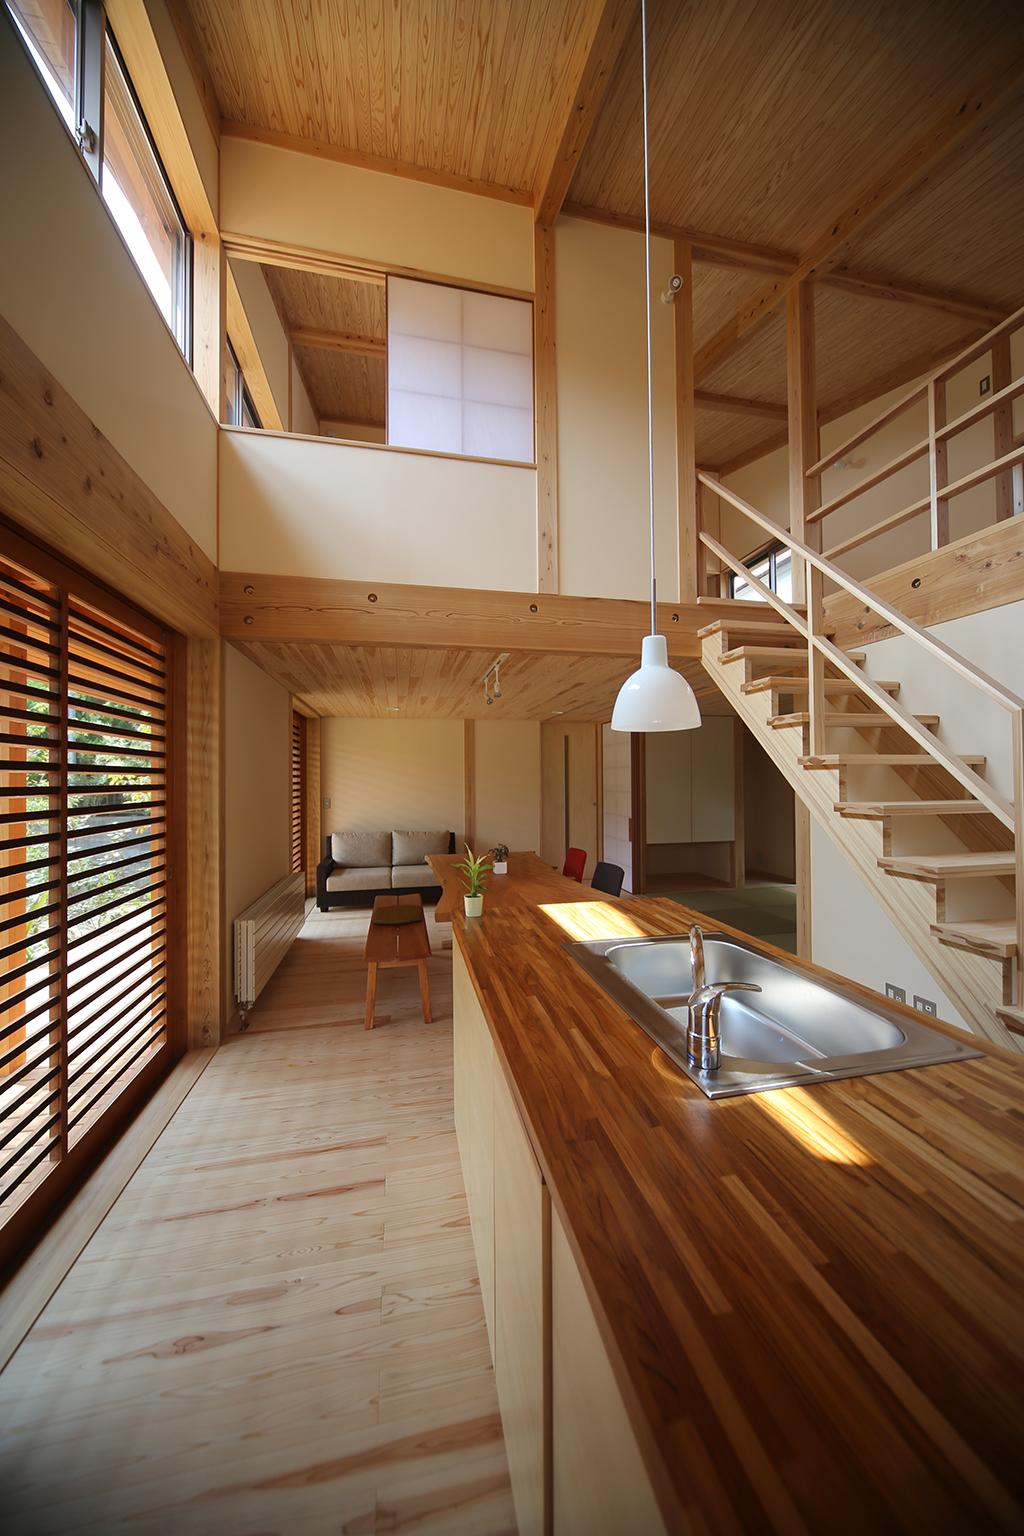 姫路市の木の家 吹き抜けで2階とつながるLDK